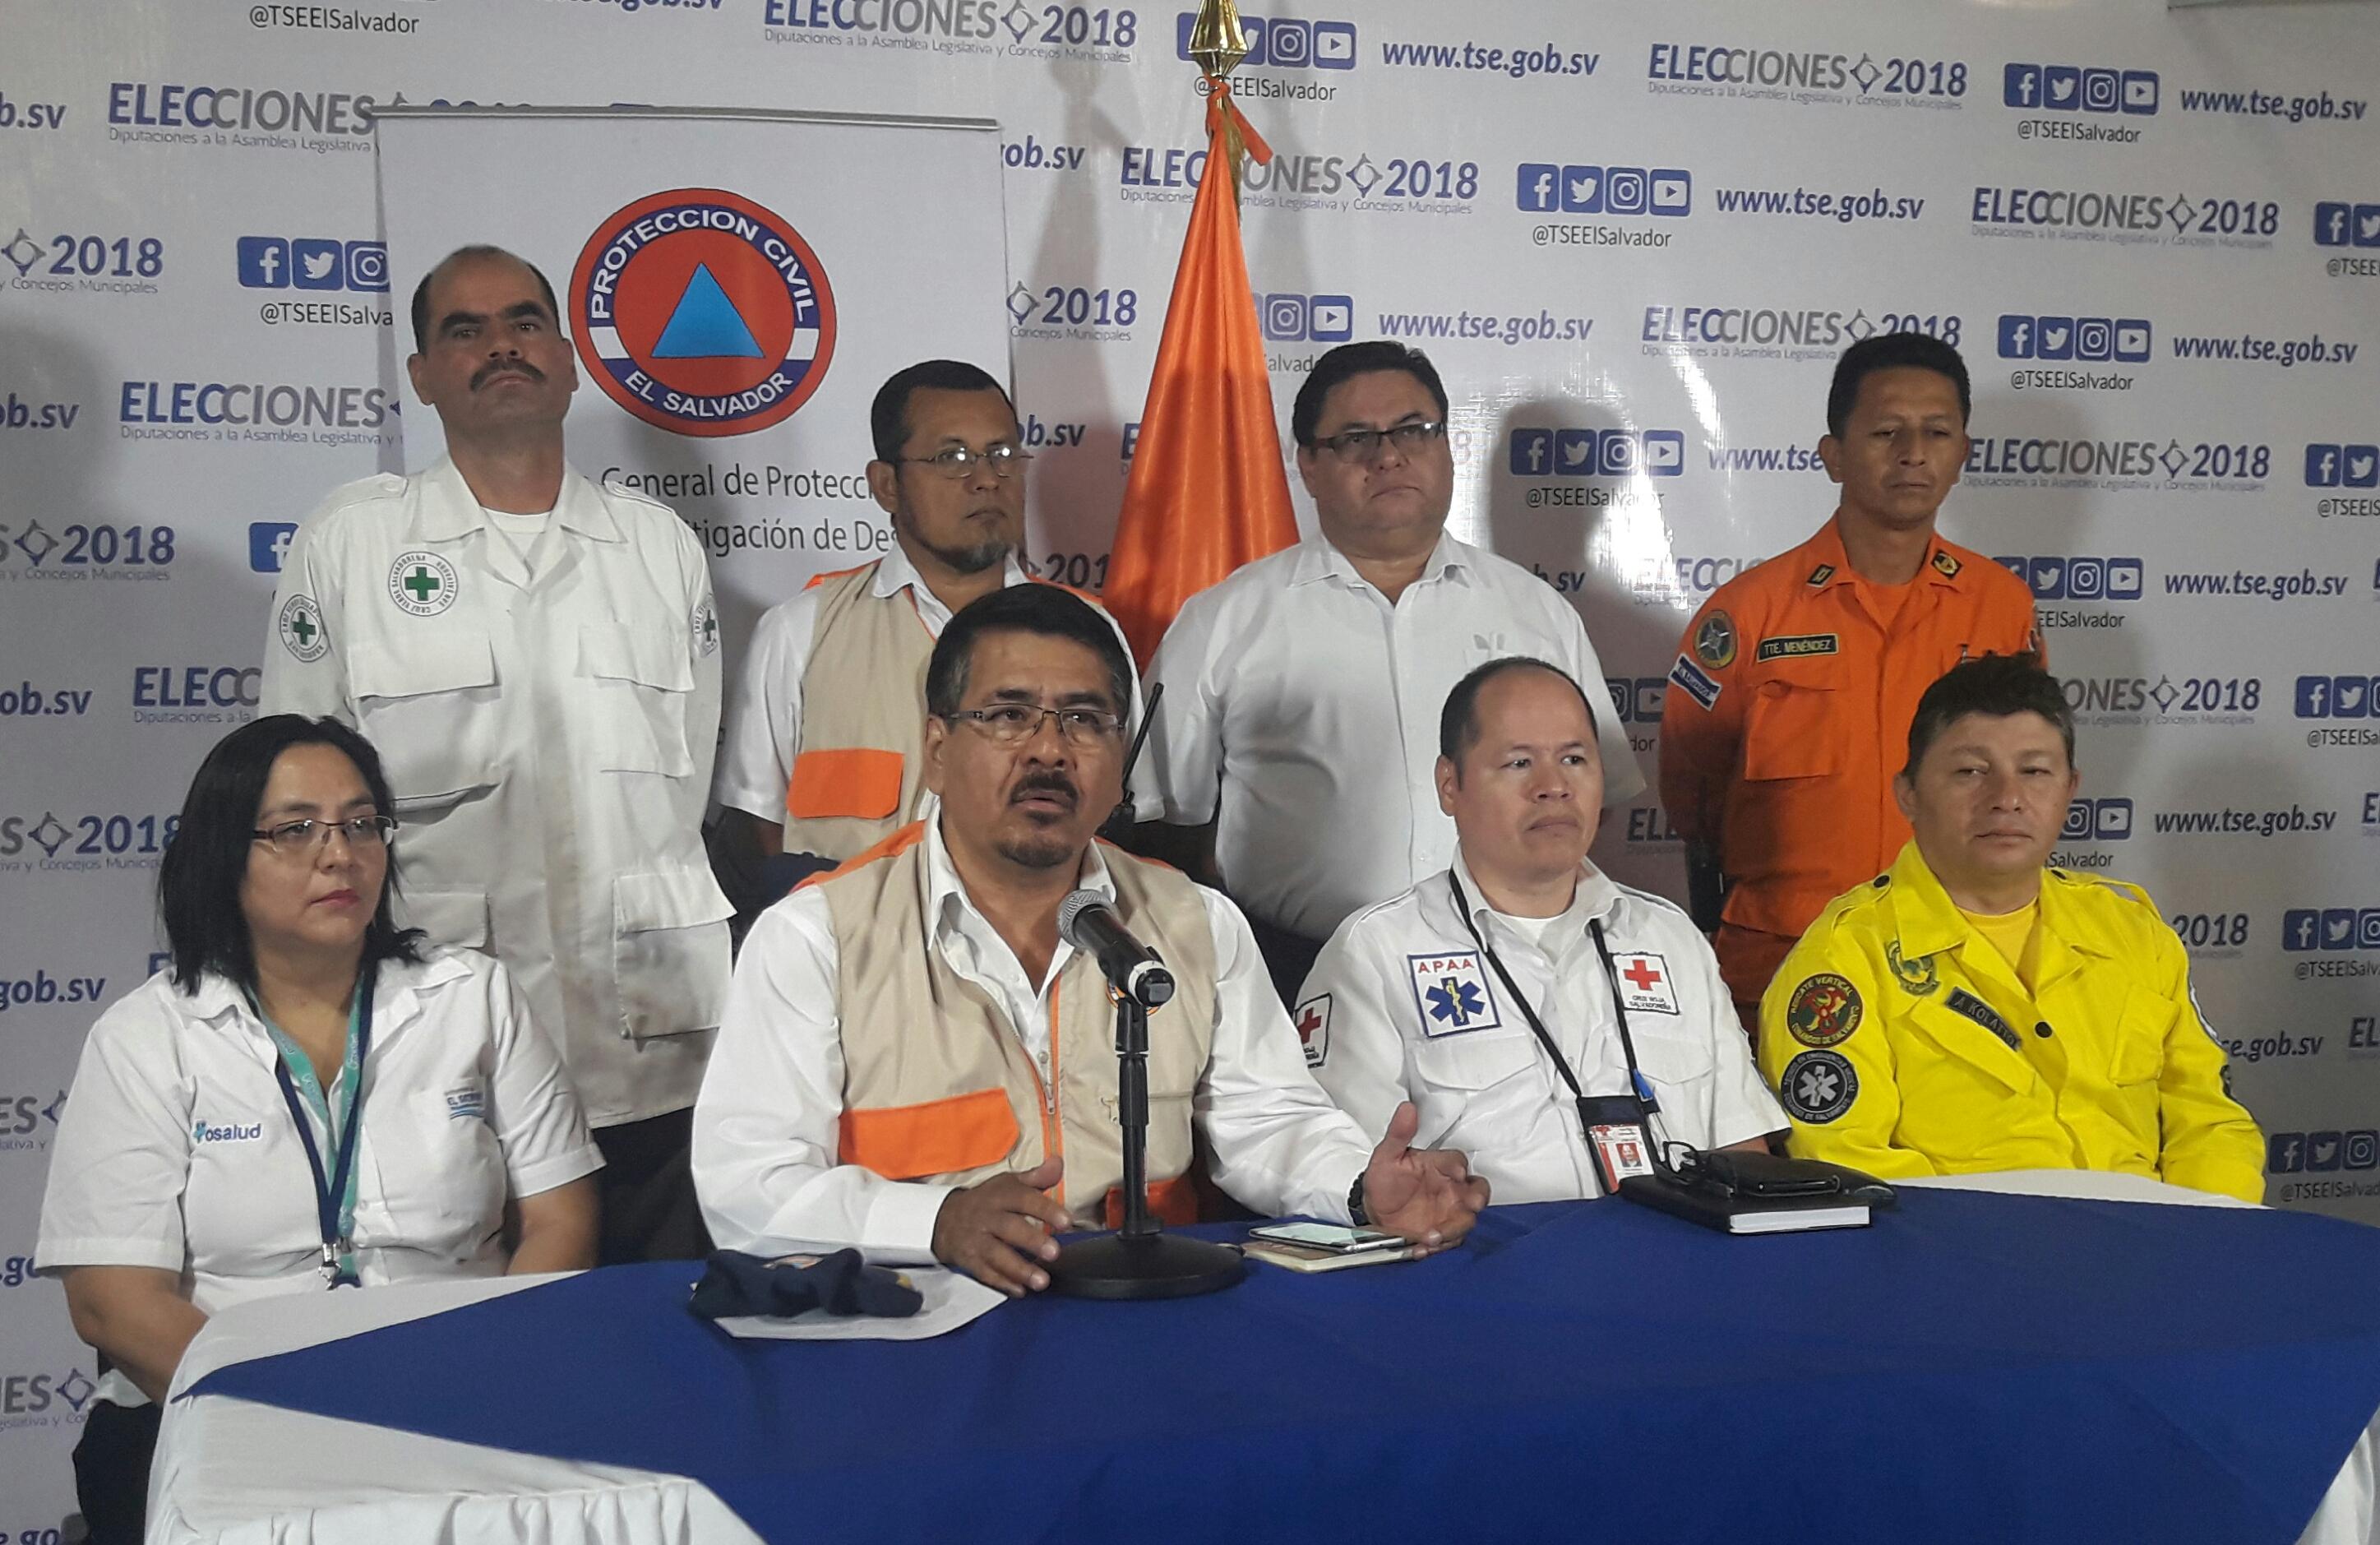 Dirección General de Protección Civil presenta informe preliminar Operación Elecciones Seguras 2018       04/MARZO/2018